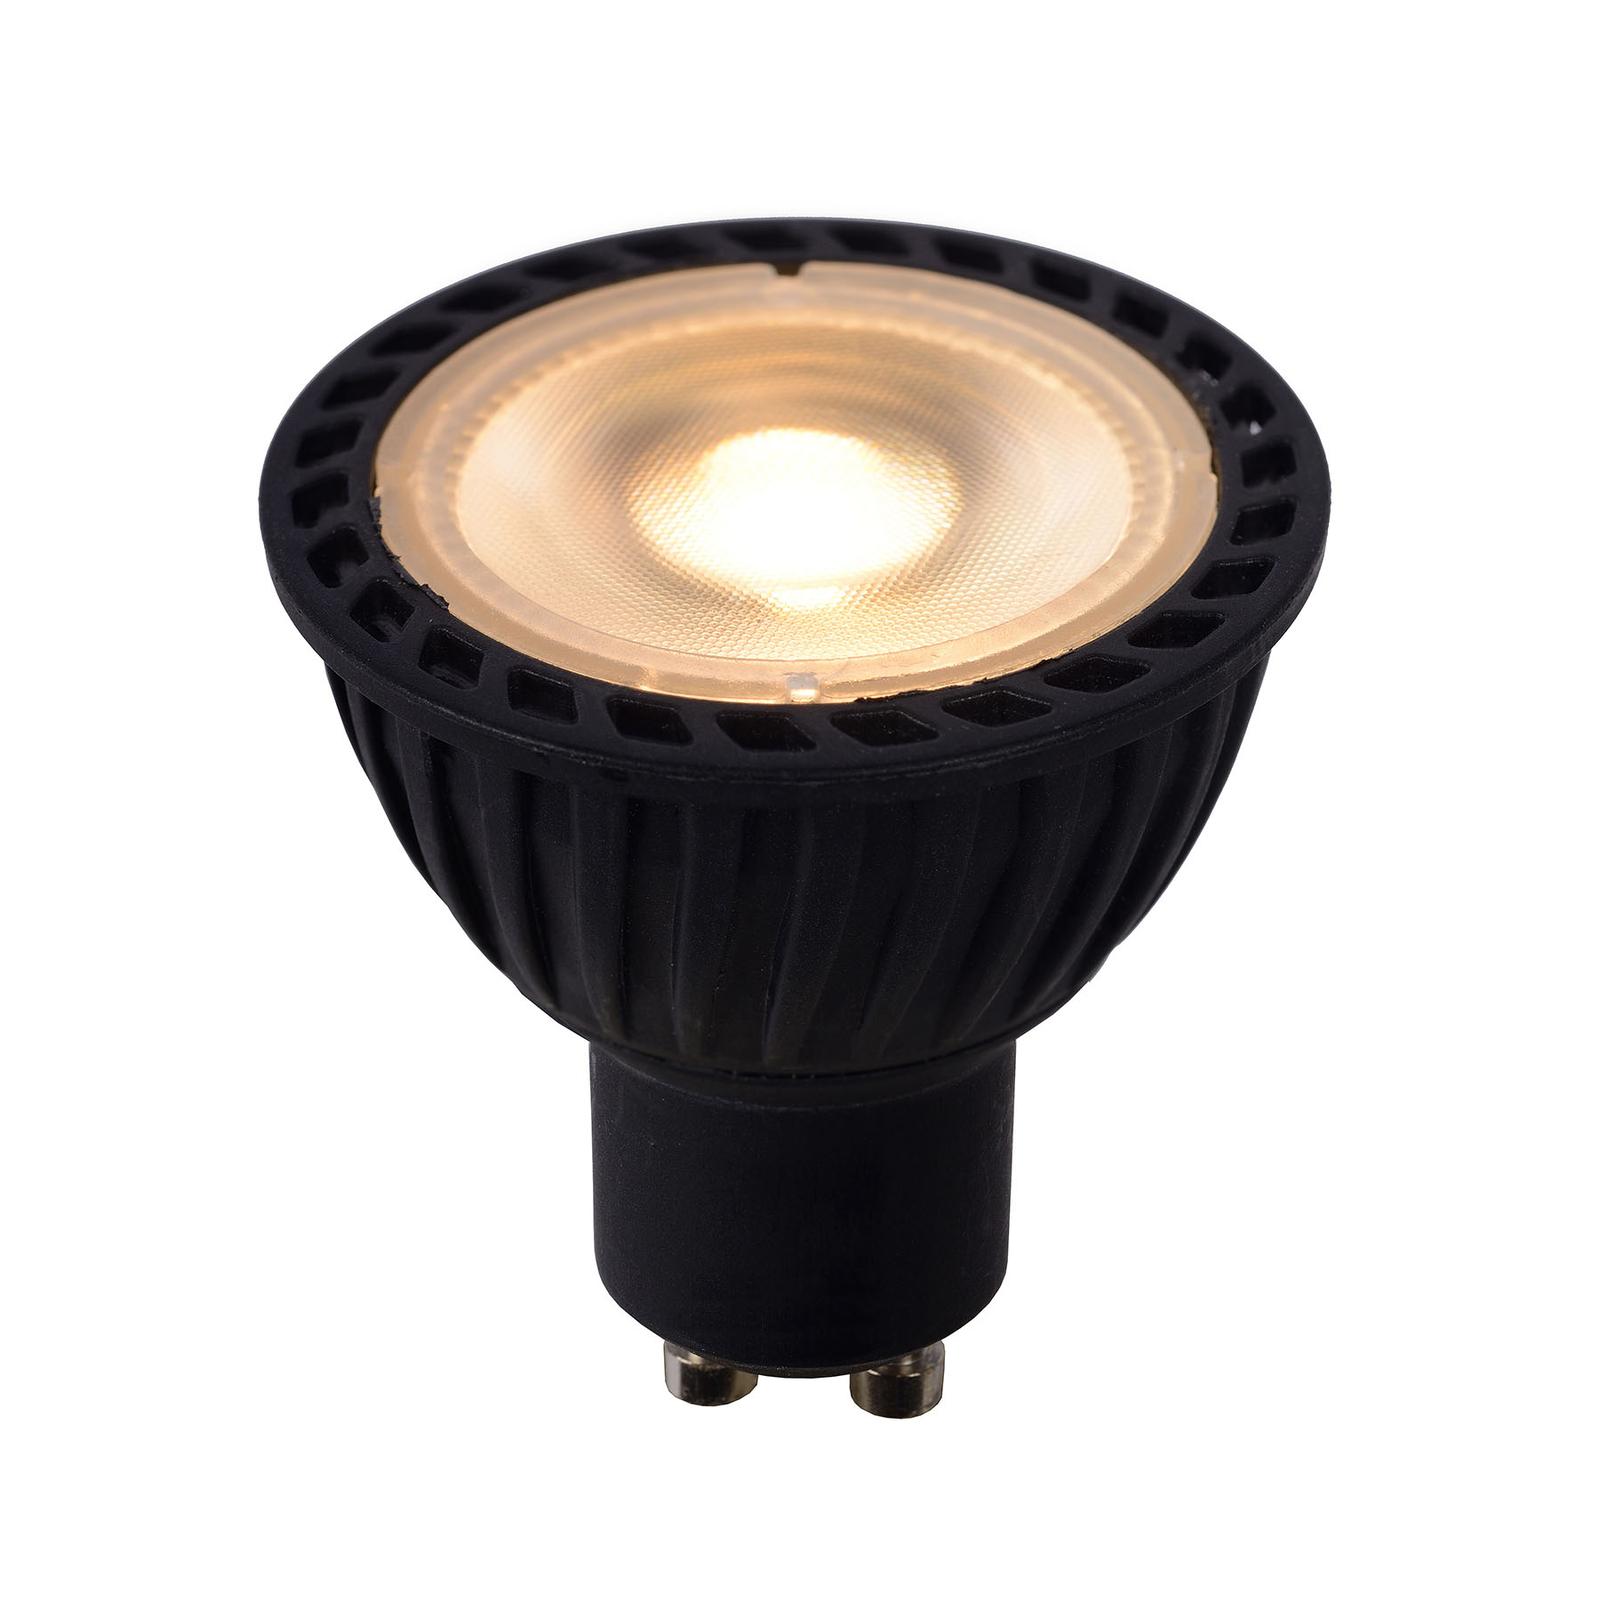 LED-Reflektor GU10 5W dim to warm, schwarz